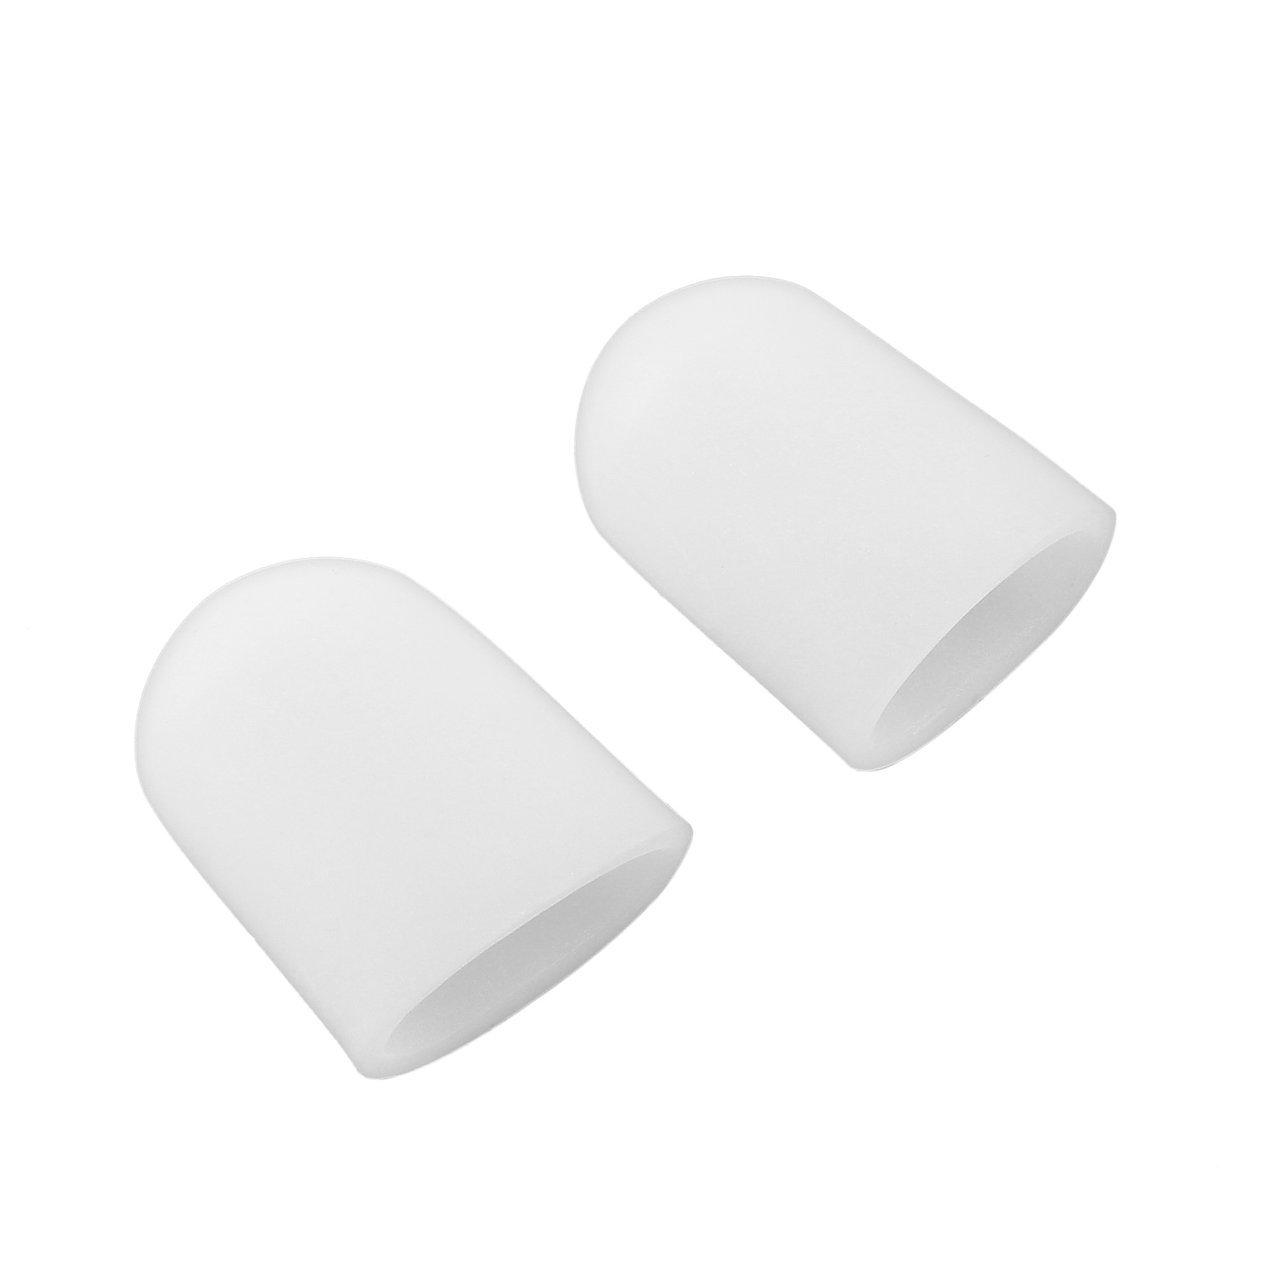 2 pz Silicone Gel Toe Tube Toe Caps Toe Cuscini Piede Mais Remover Finger Toe Proteggi Massager Del Corpo Solette Health Care Dooret